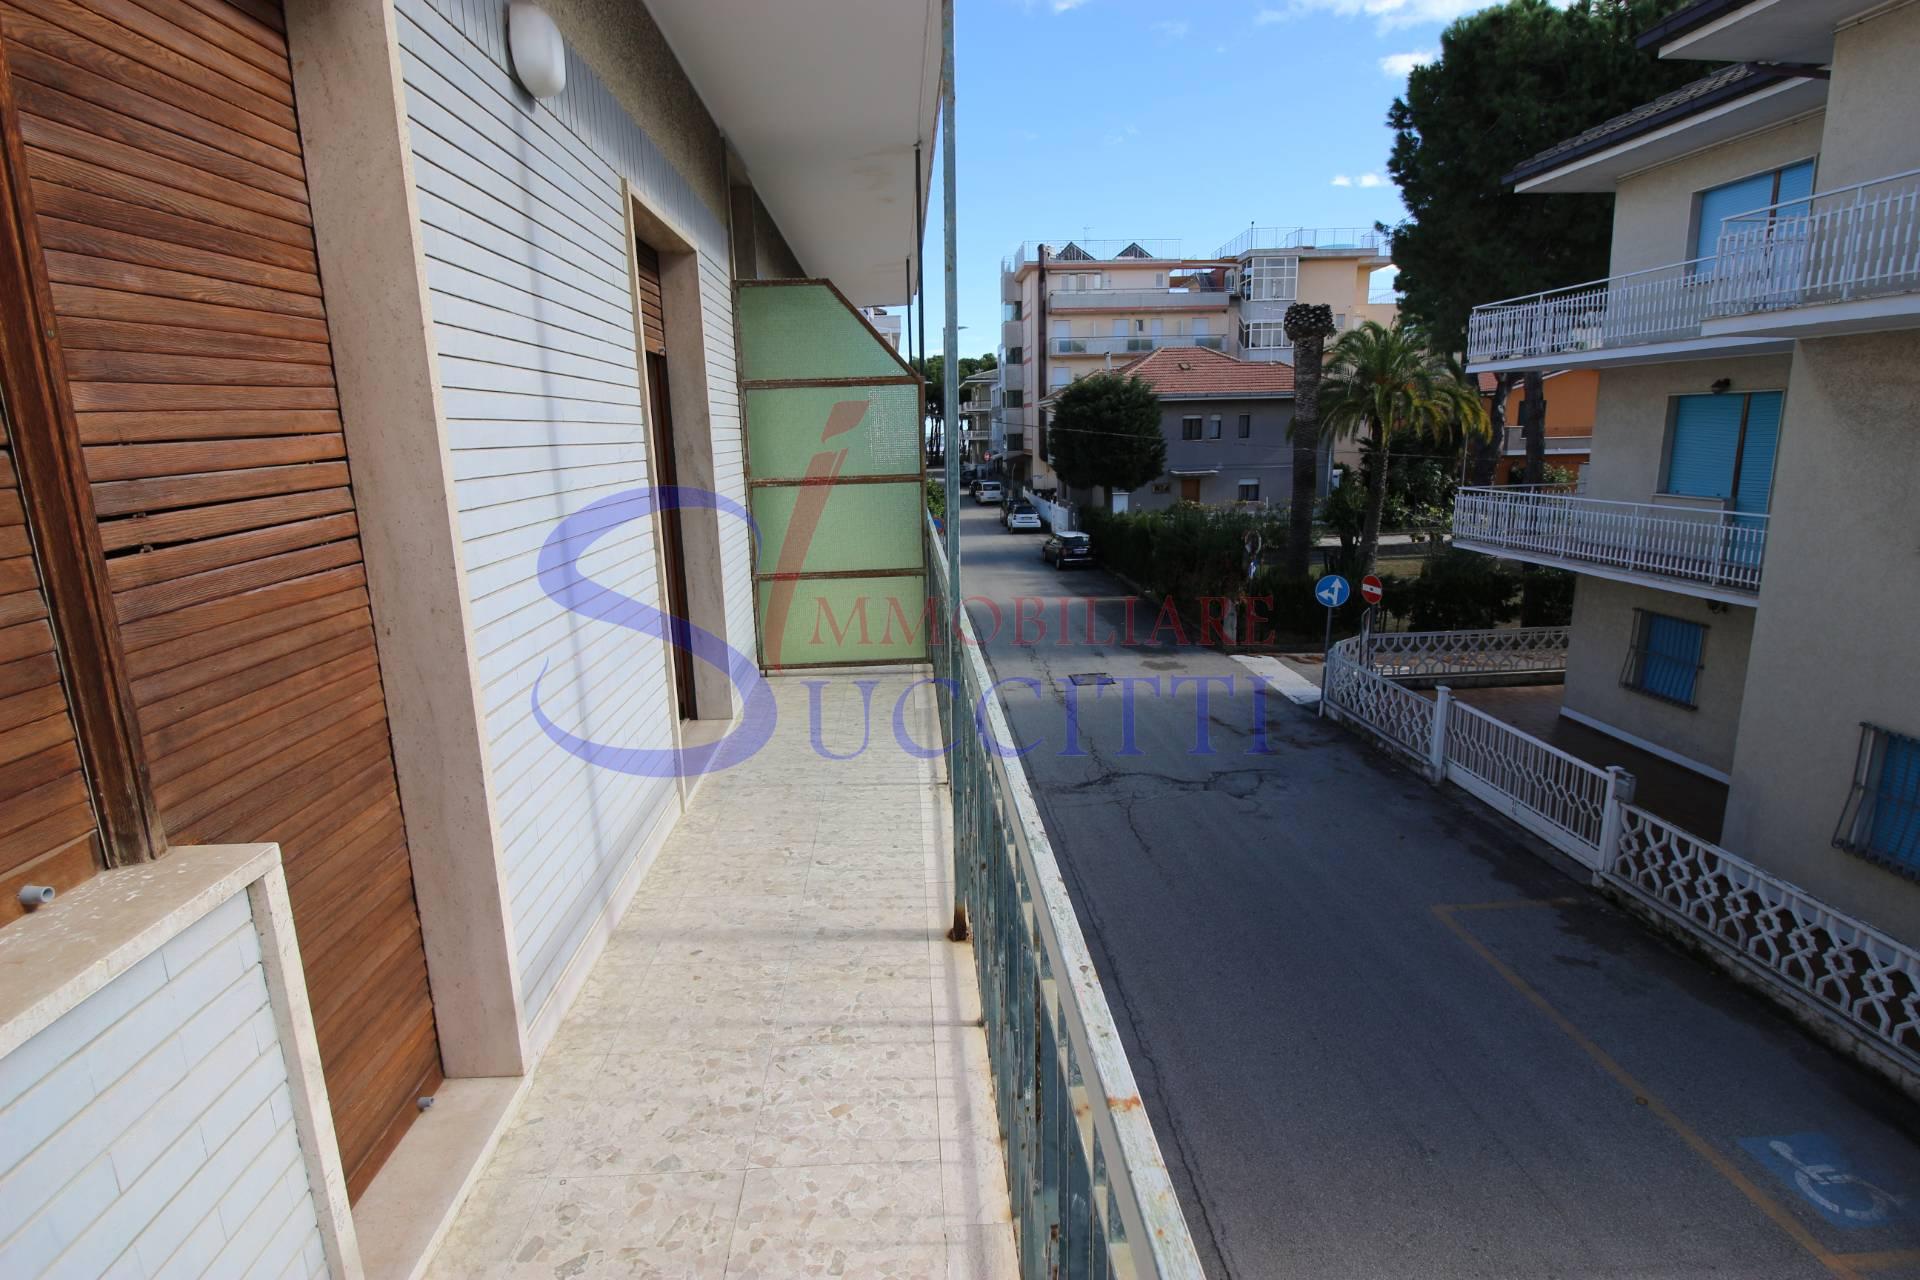 Appartamento in vendita a Alba Adriatica, 3 locali, zona Località: ZonaMare, prezzo € 125.000   CambioCasa.it